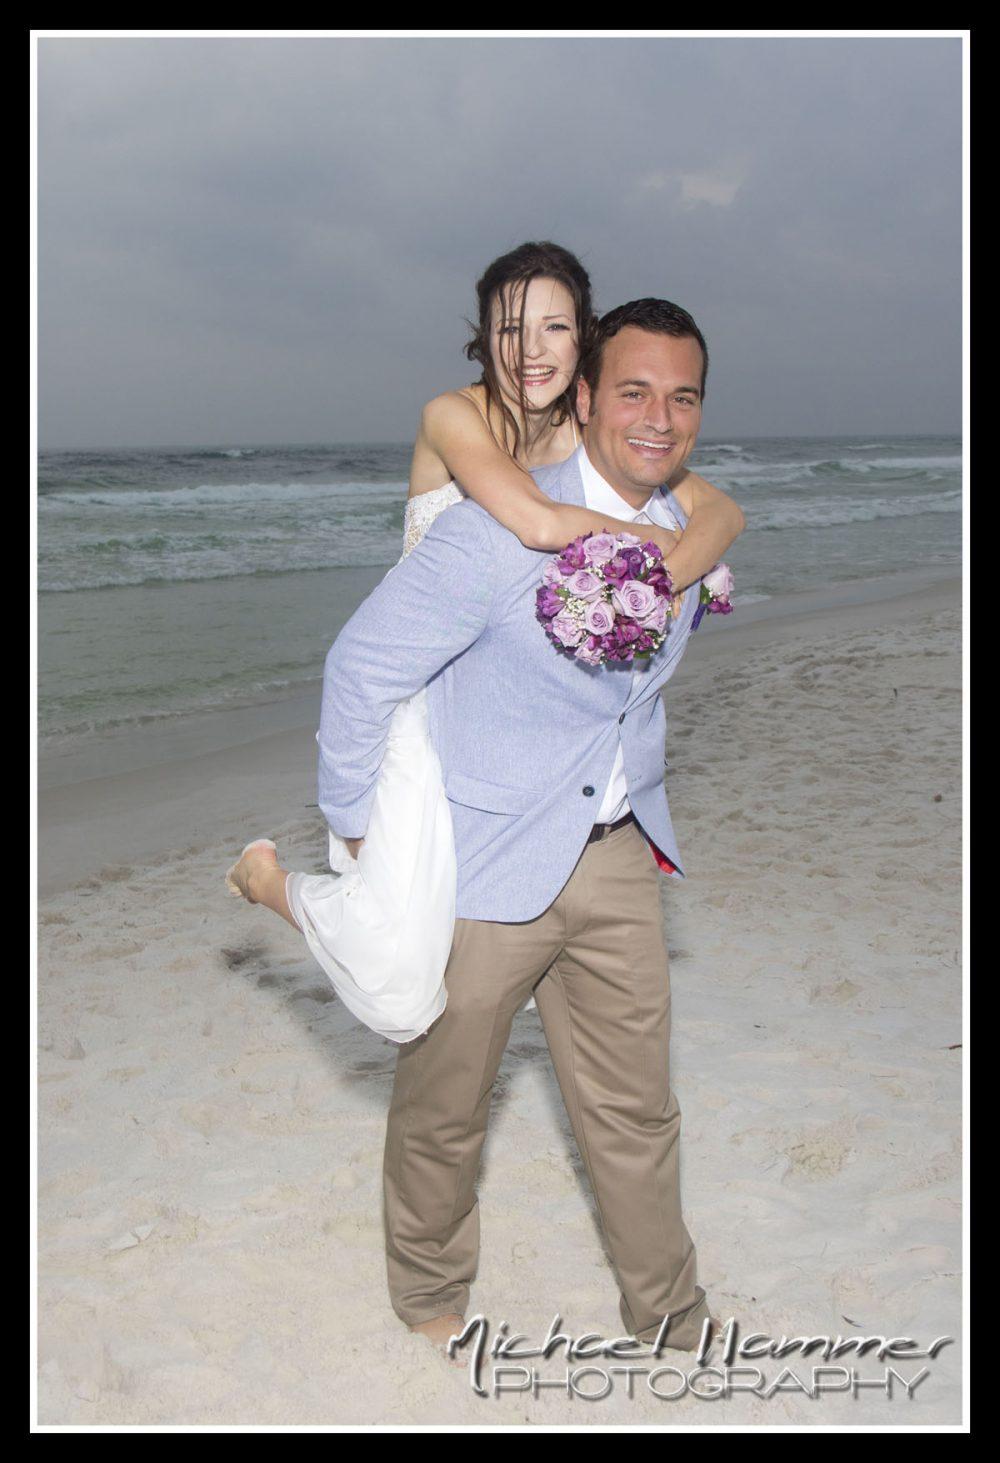 Sylwia & William3